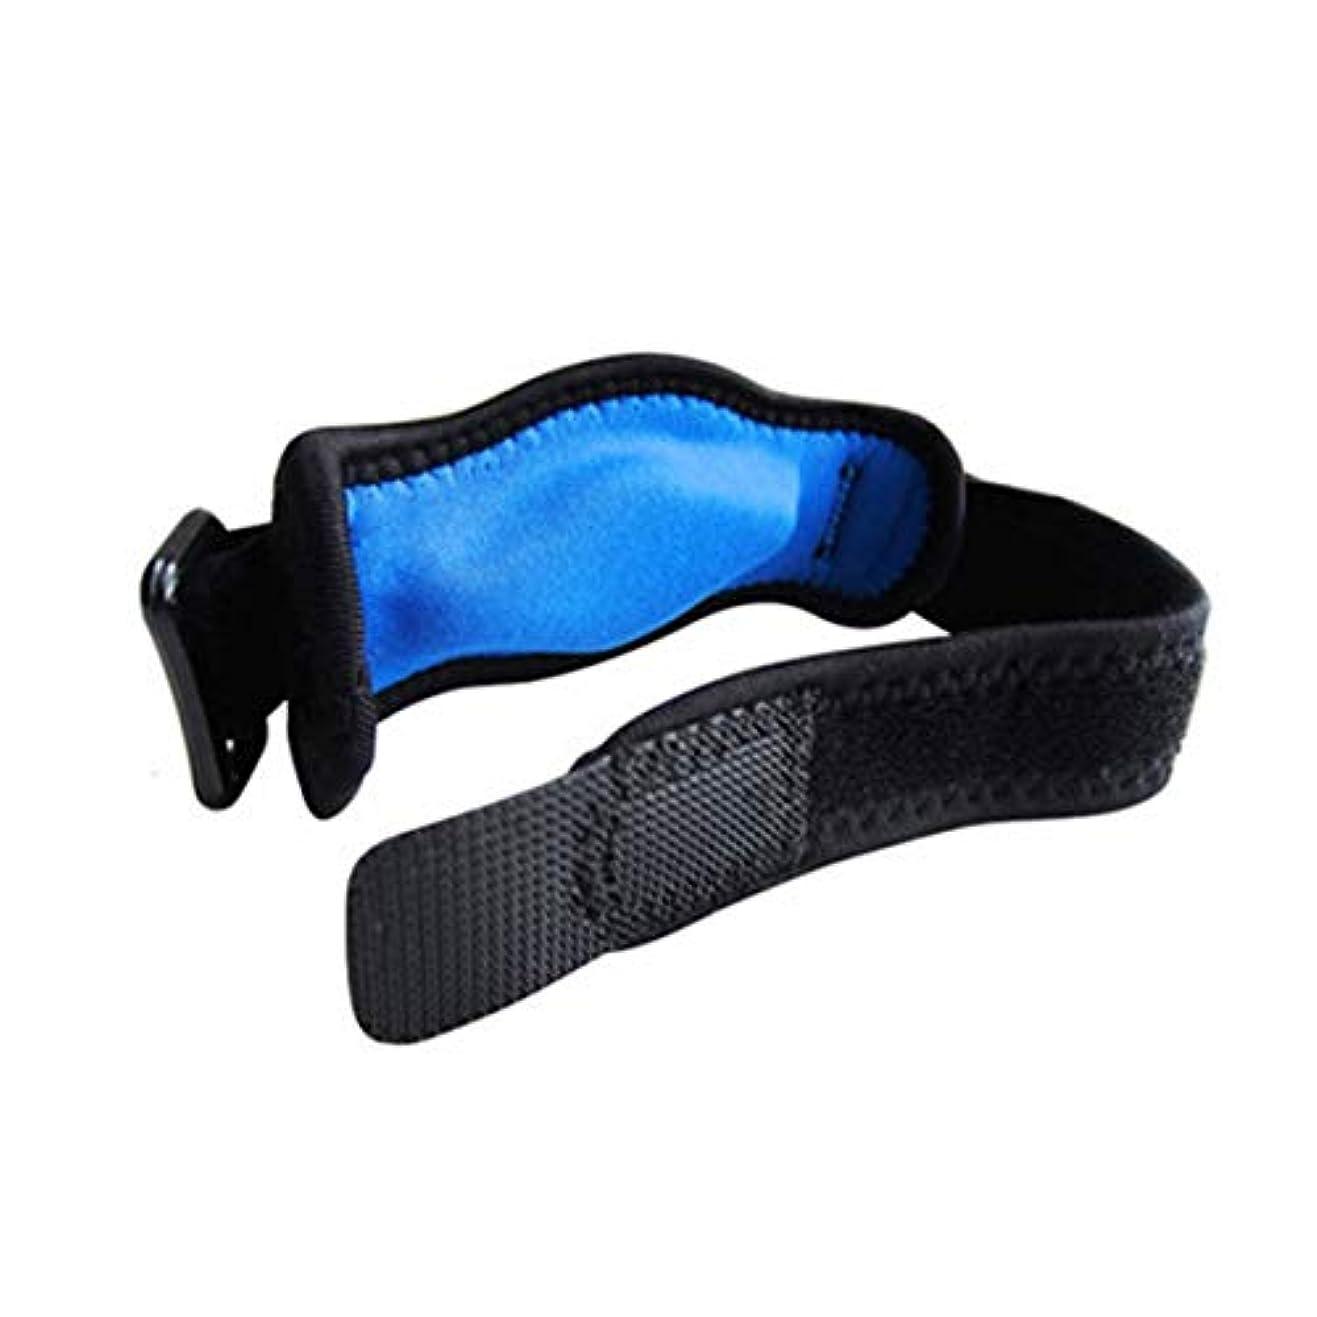 耕す致命的報復調節可能なテニス肘サポートストラップブレースゴルフ前腕痛み緩和 - 黒